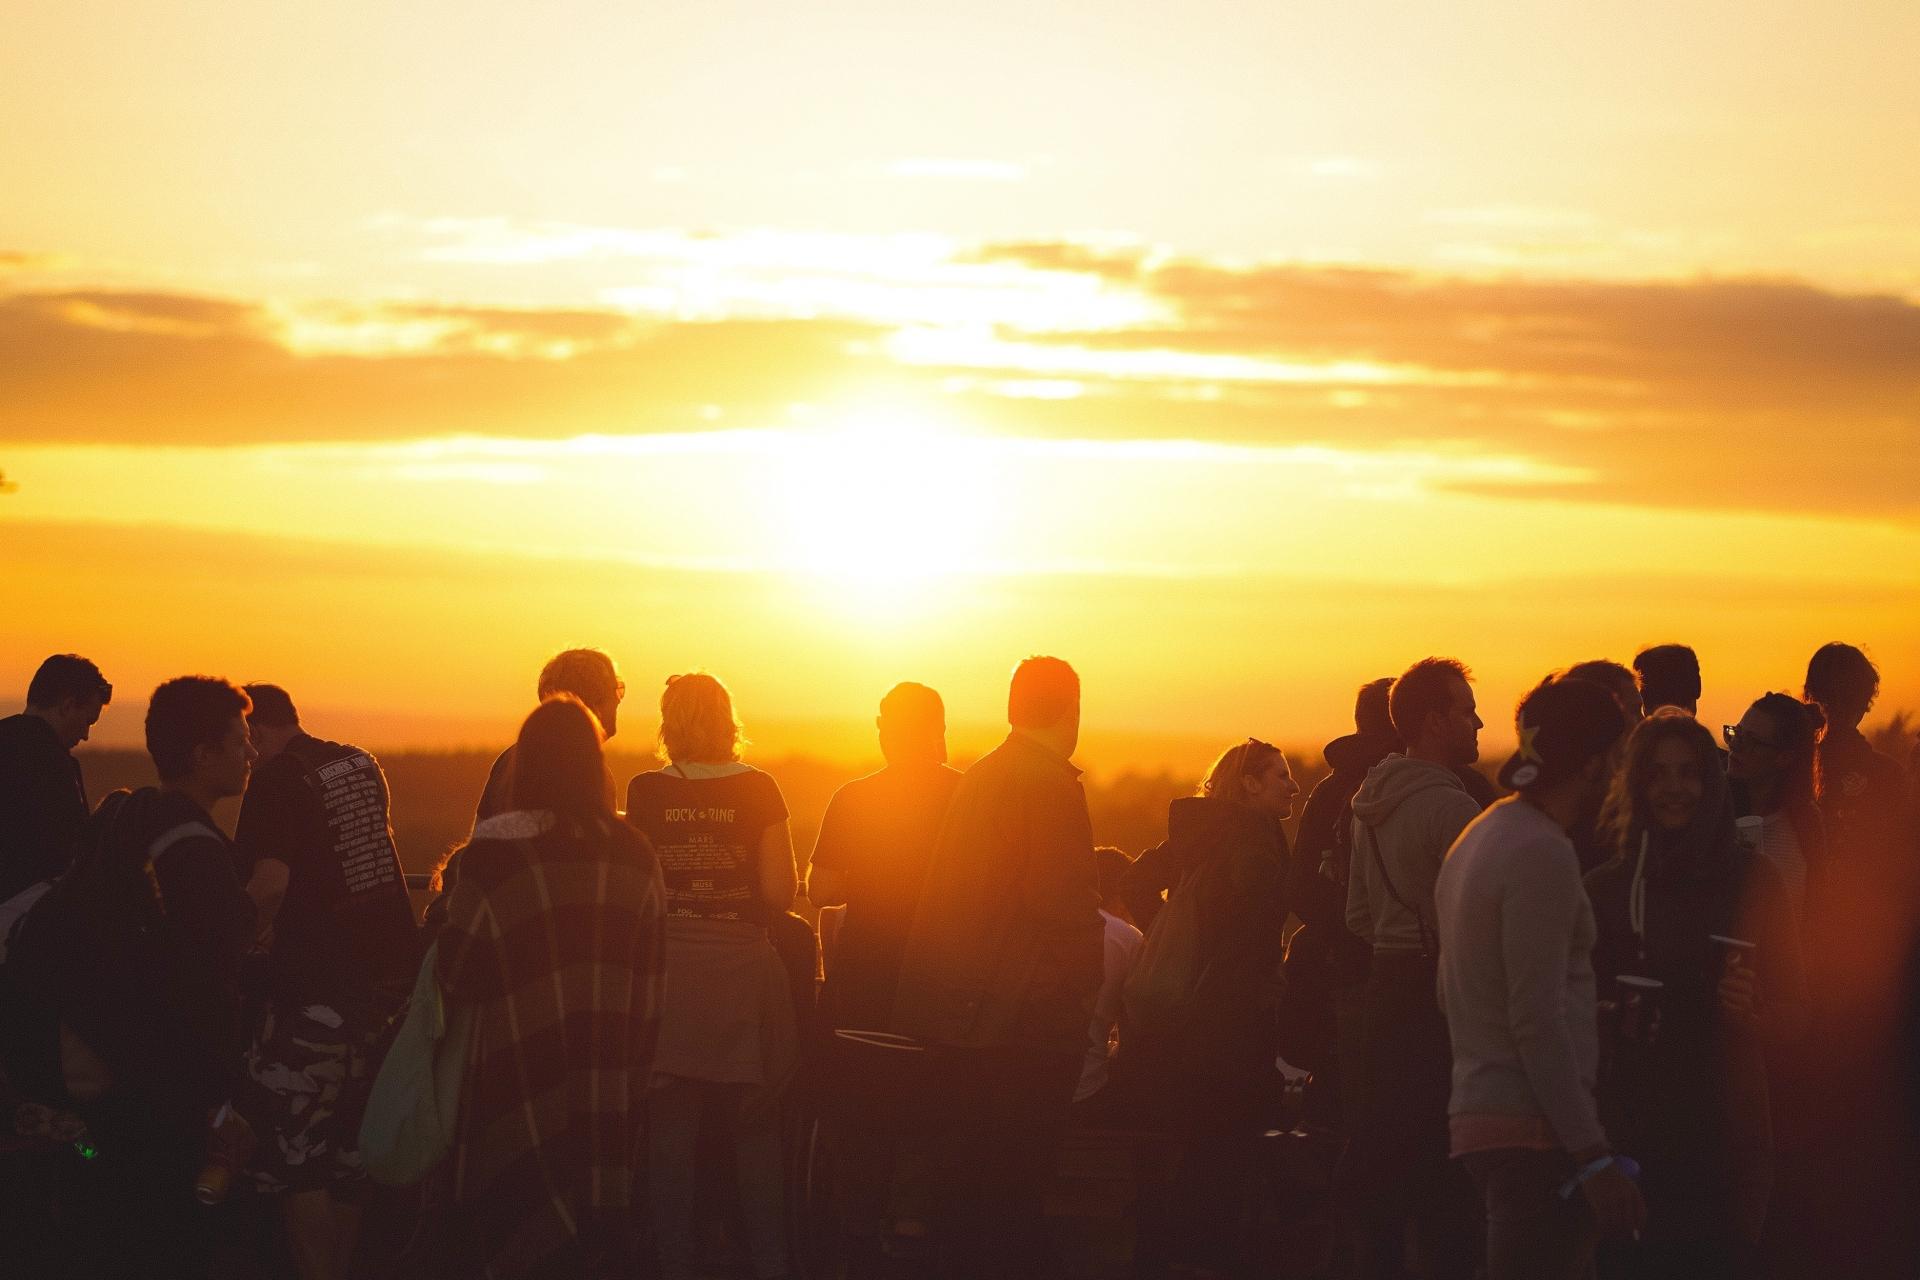 PortoCool_Blog_Aqui_Perto_:_Póvoa_de_Varzim_recebe_Sunset_da_Cerveja_Nortada